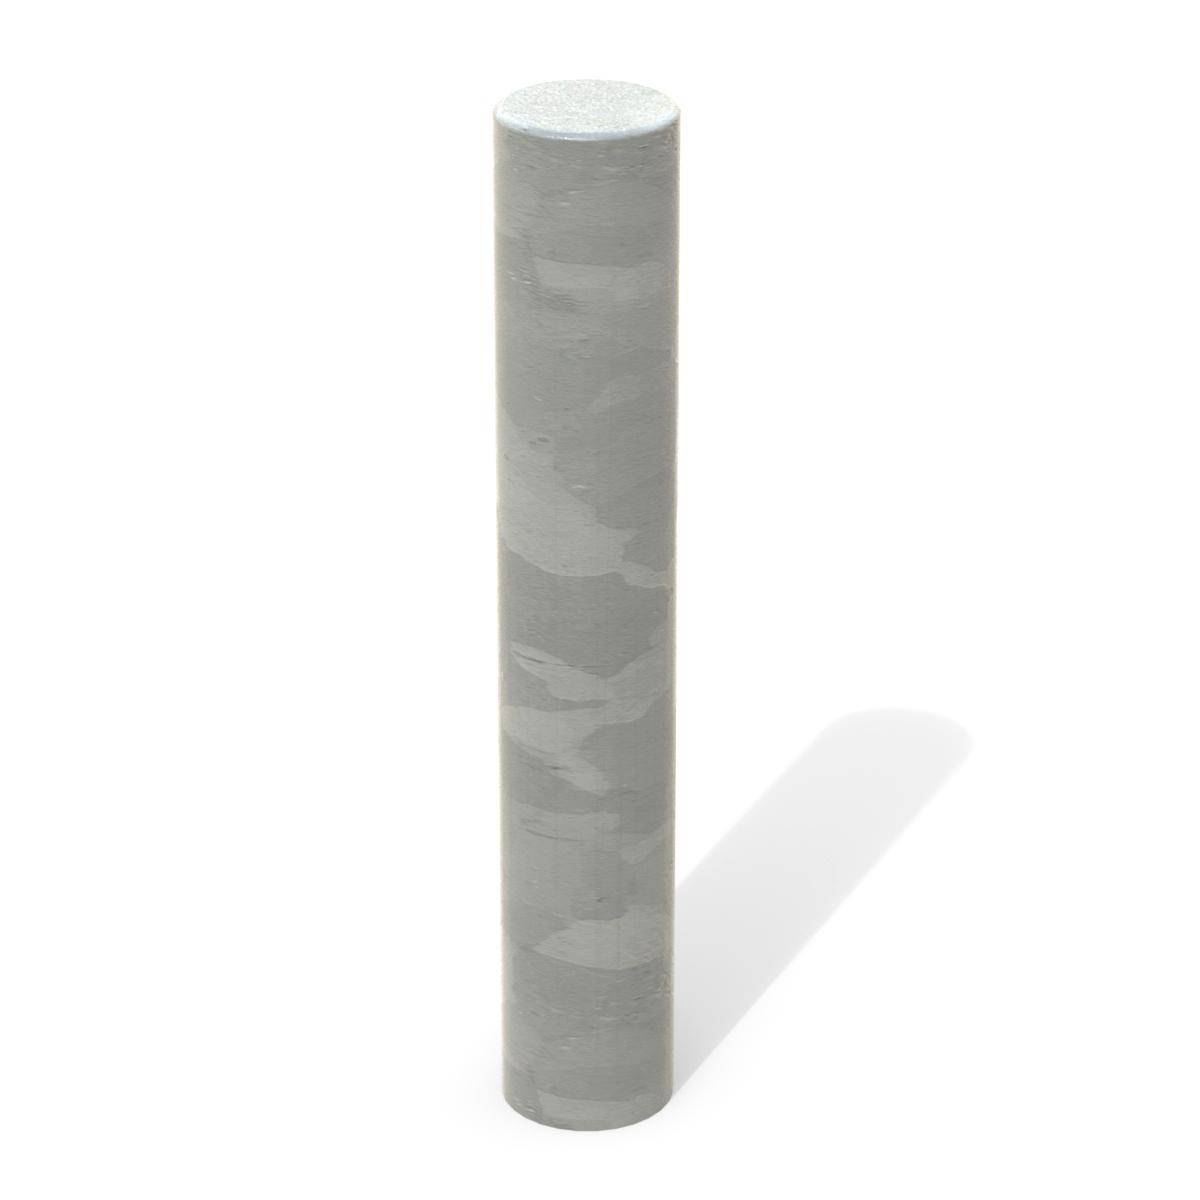 168mm Diameter Titan Steel Bollard